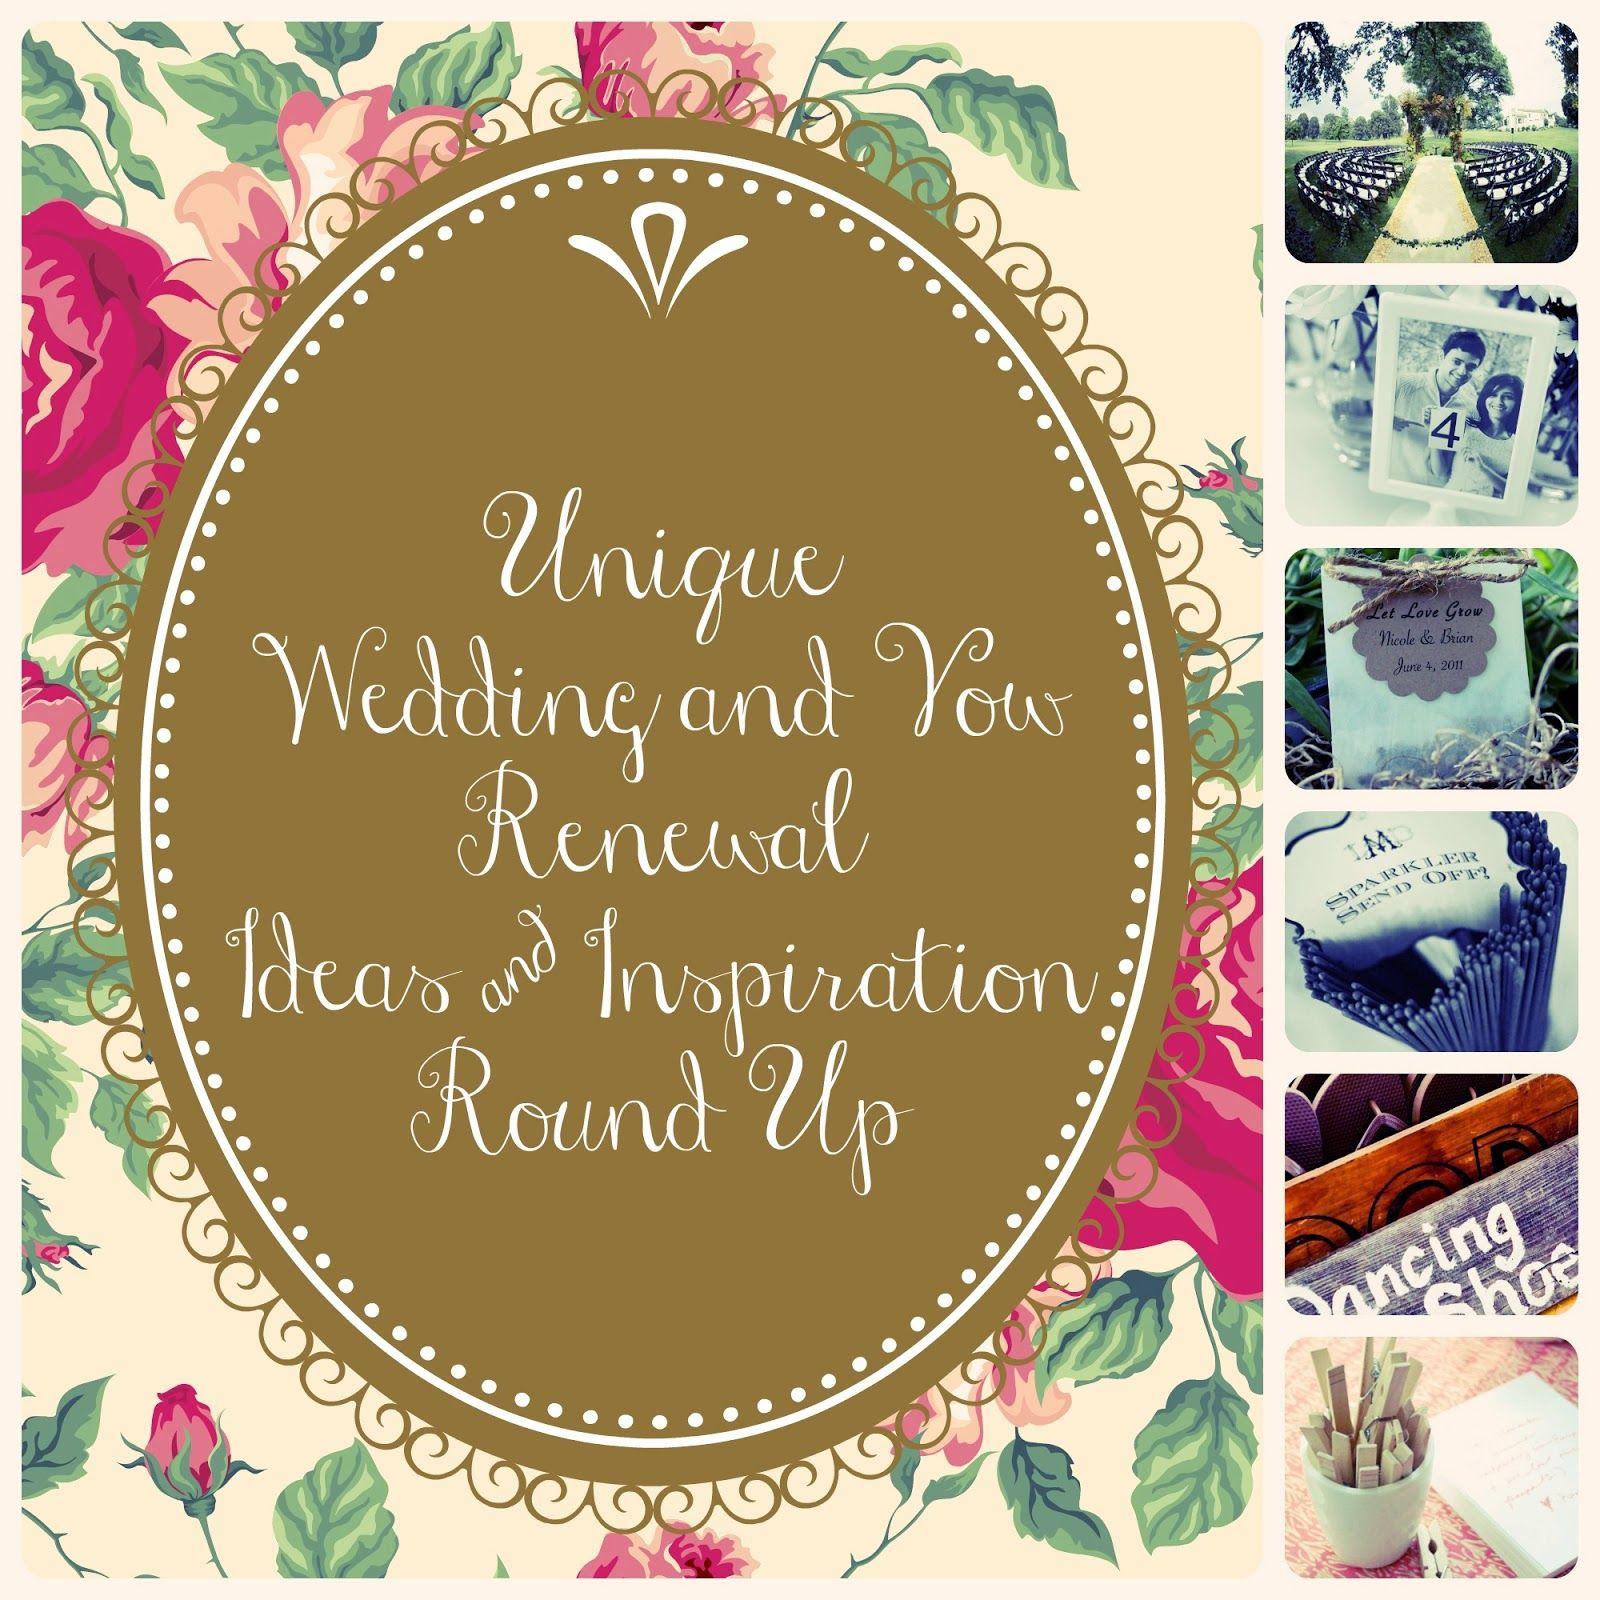 25 Unique Wedding Ideas To Get Inspire: Unique Wedding Ideas Diy - Google Search